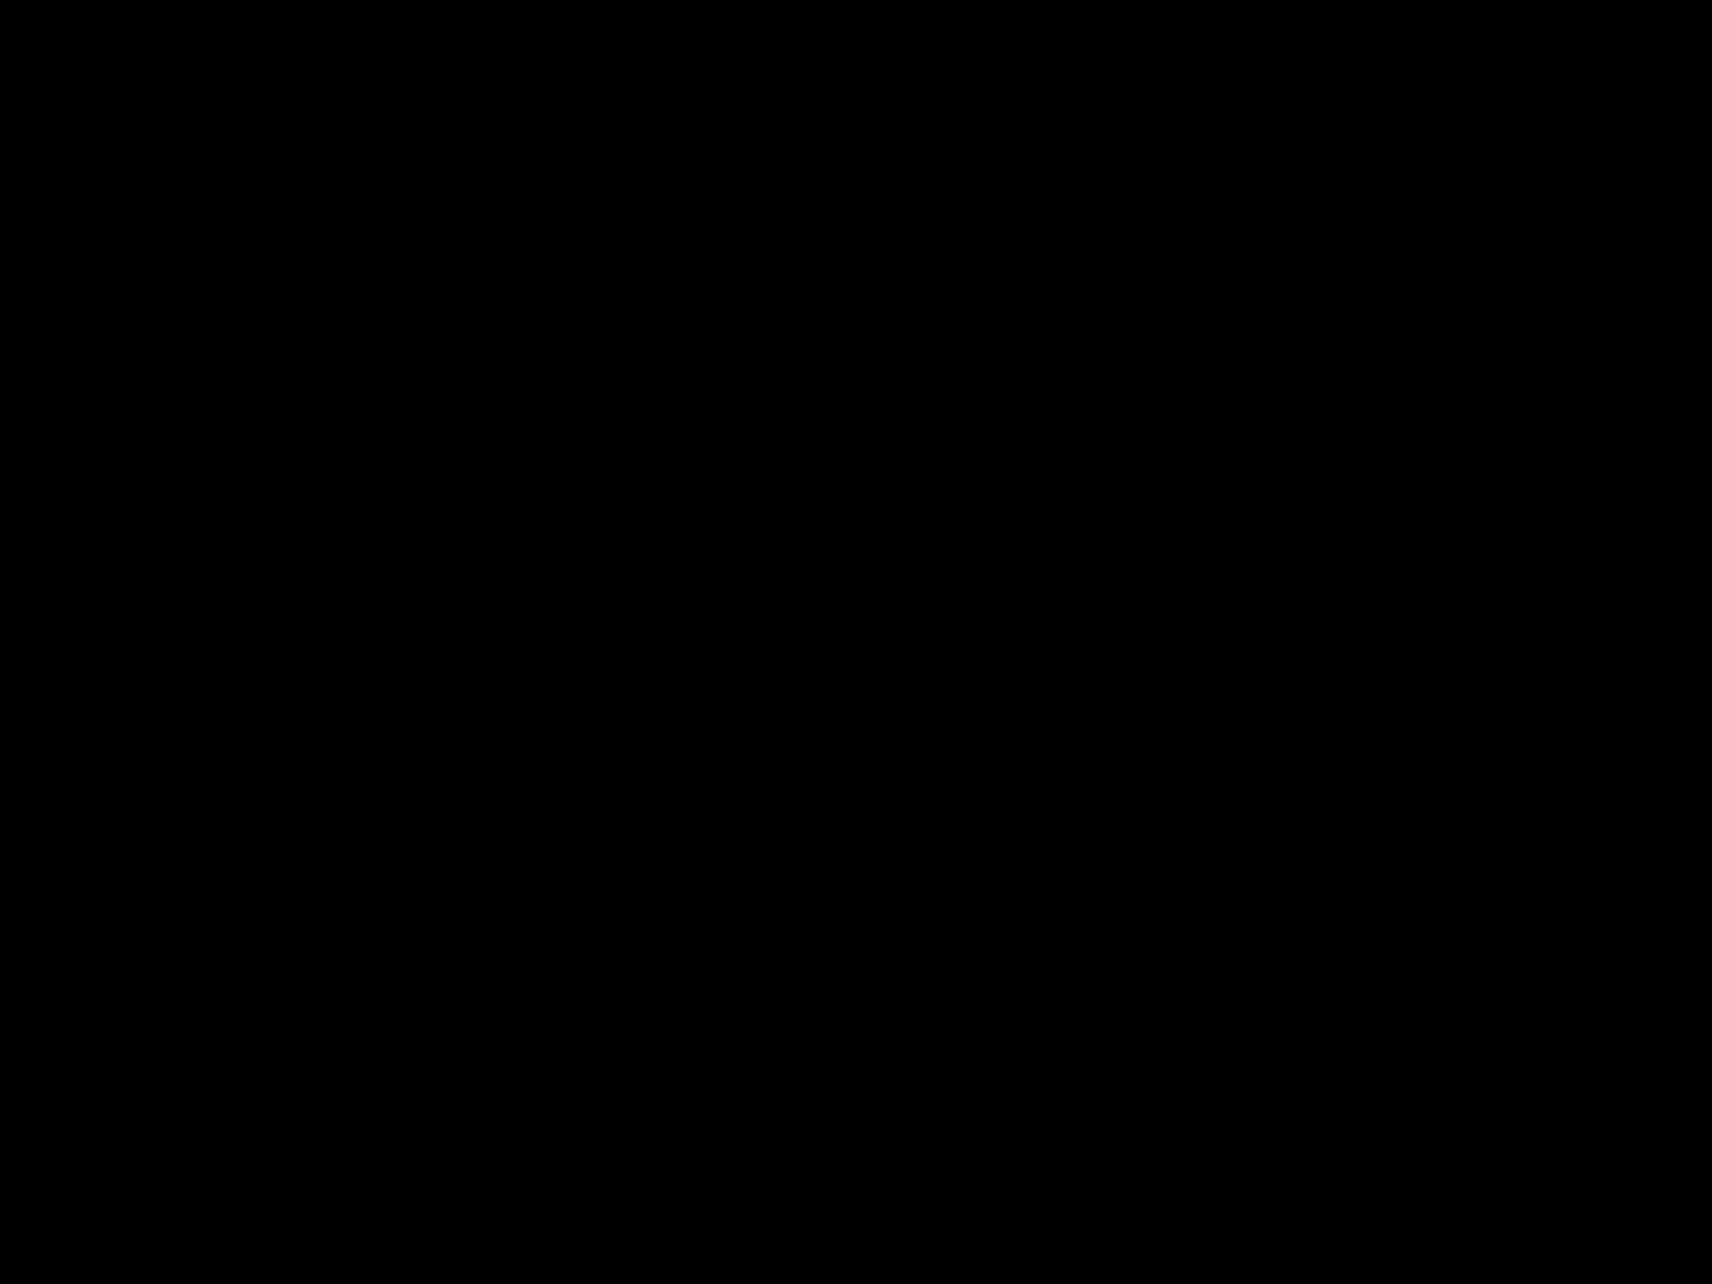 40558_02.jpg